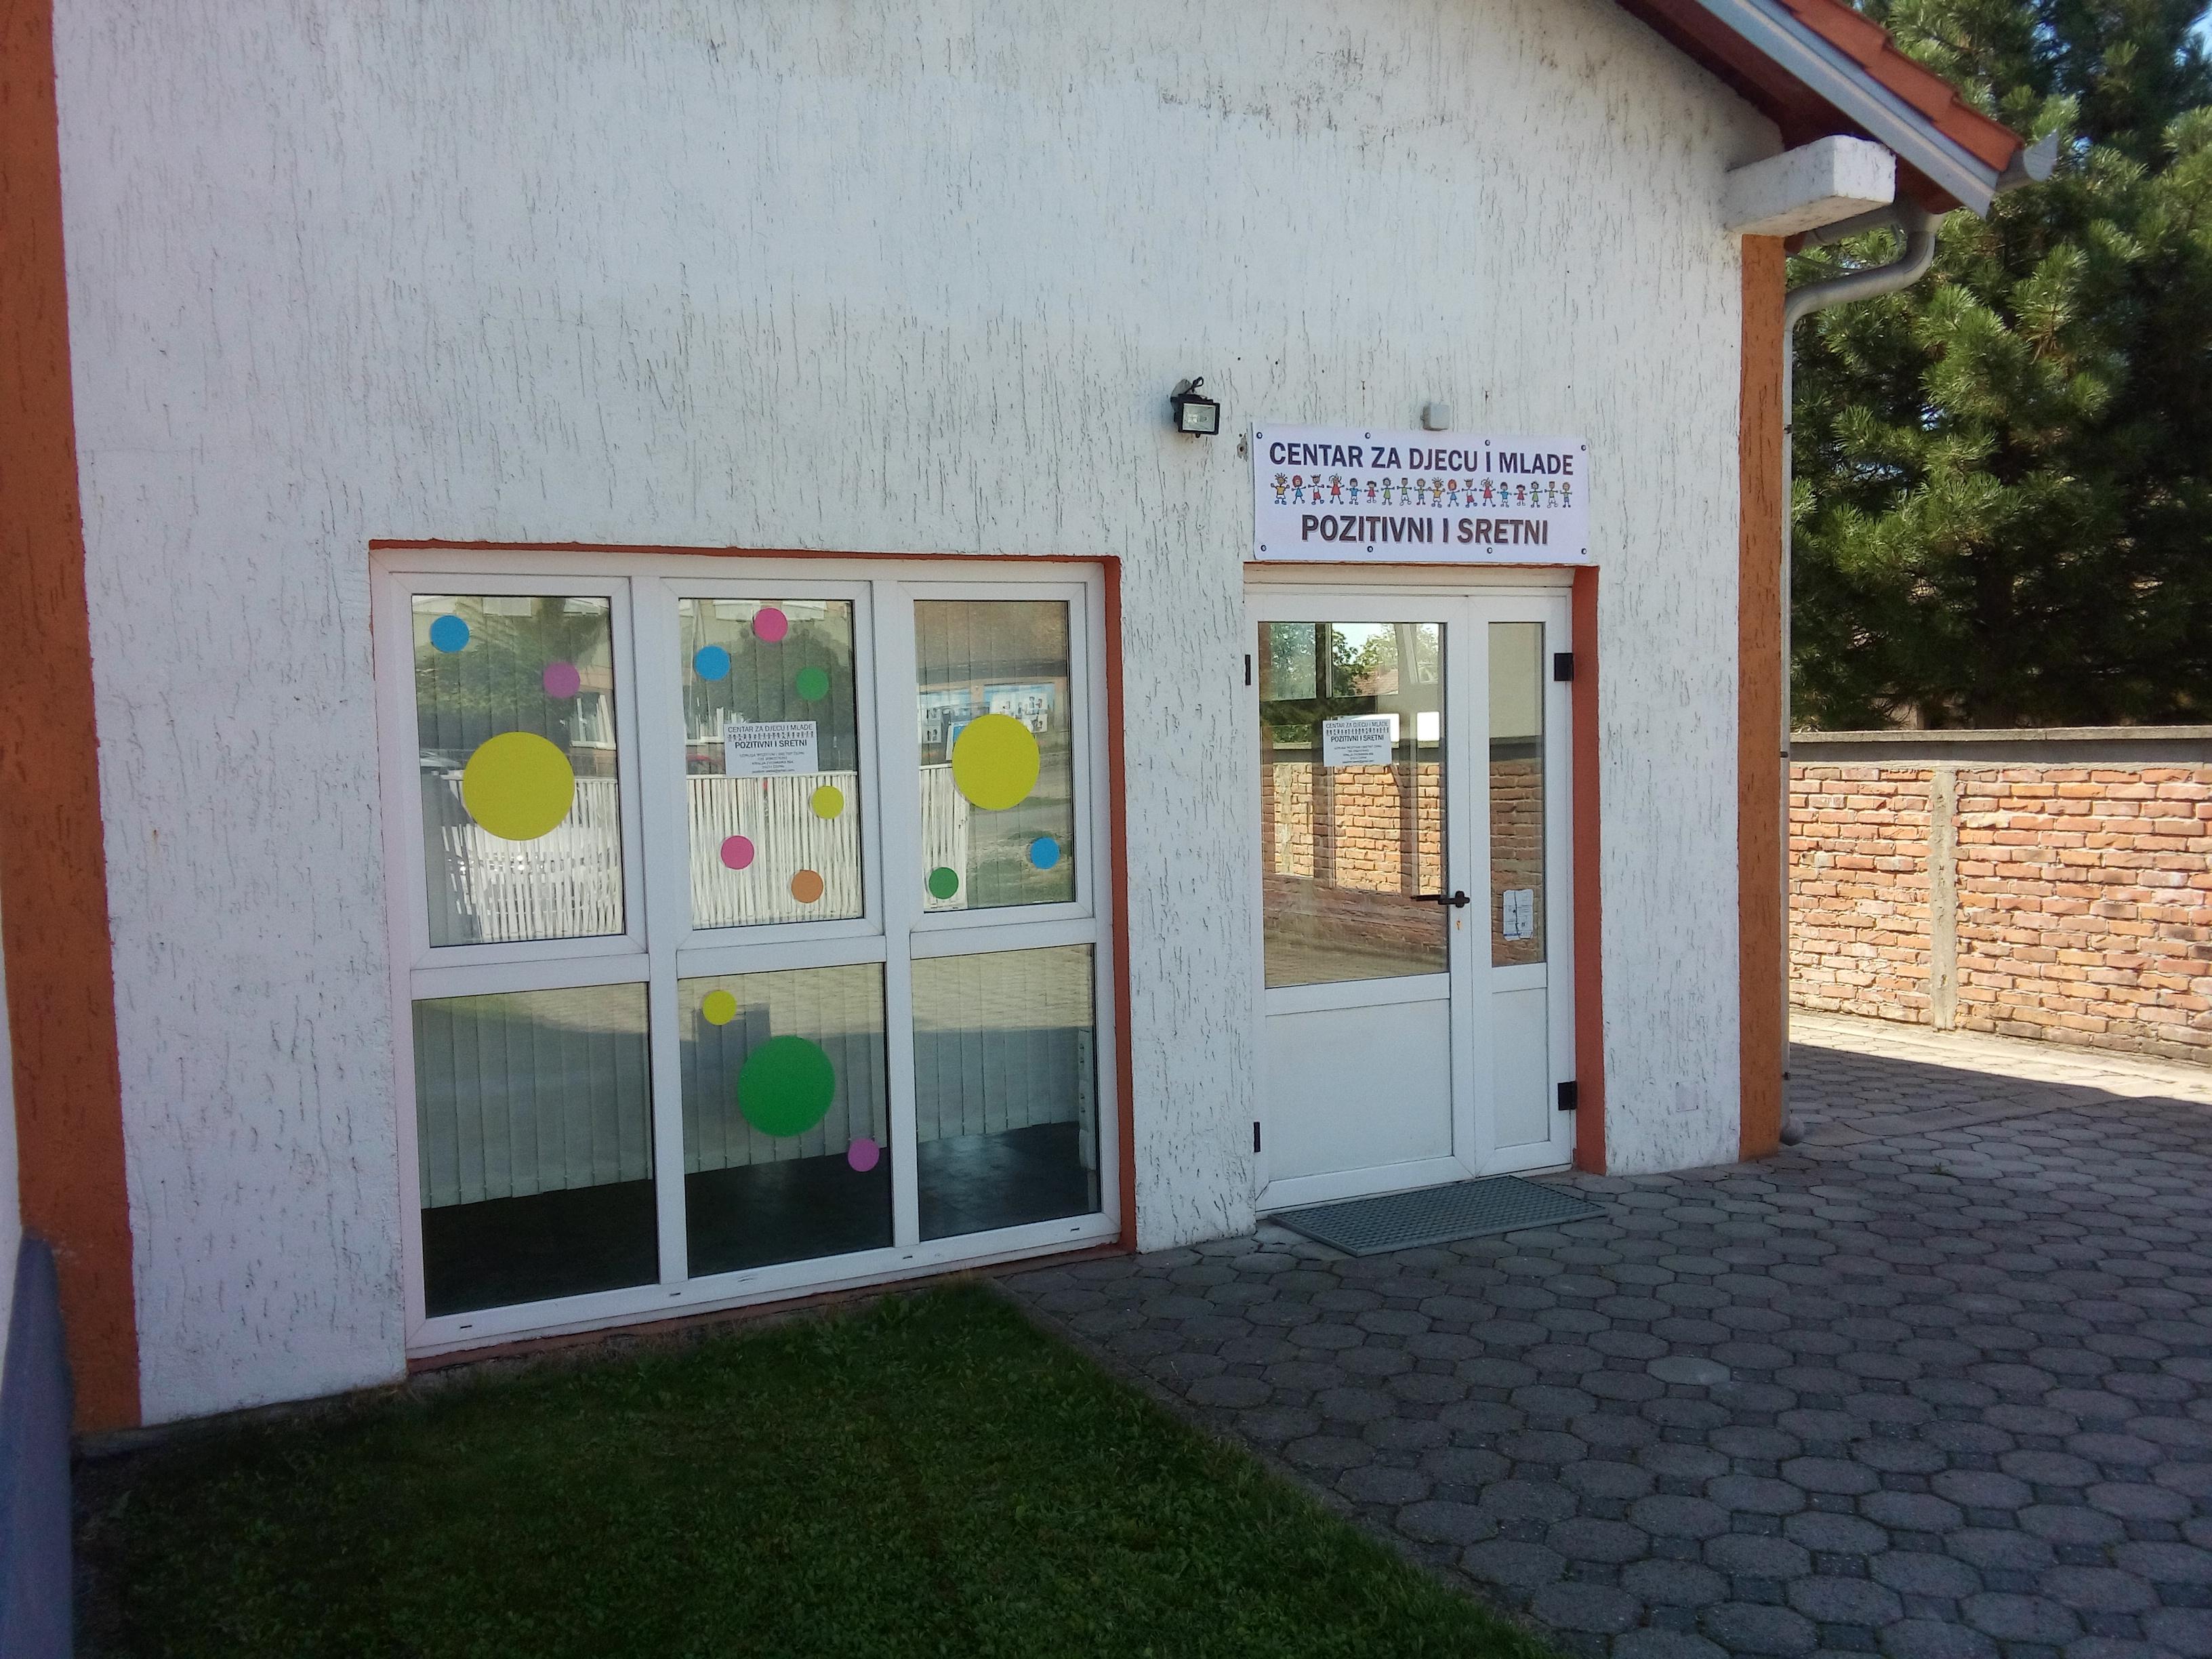 <p>Centar za djecu i mlade Pozitivni i sretni Čepin, Kralja Zvonimira 89a i u ovoj pedagoškoj godini nudi mnoštvo radionica i sadržaja za djecu i mlade, i starije koji se tako osjećaju.</p>